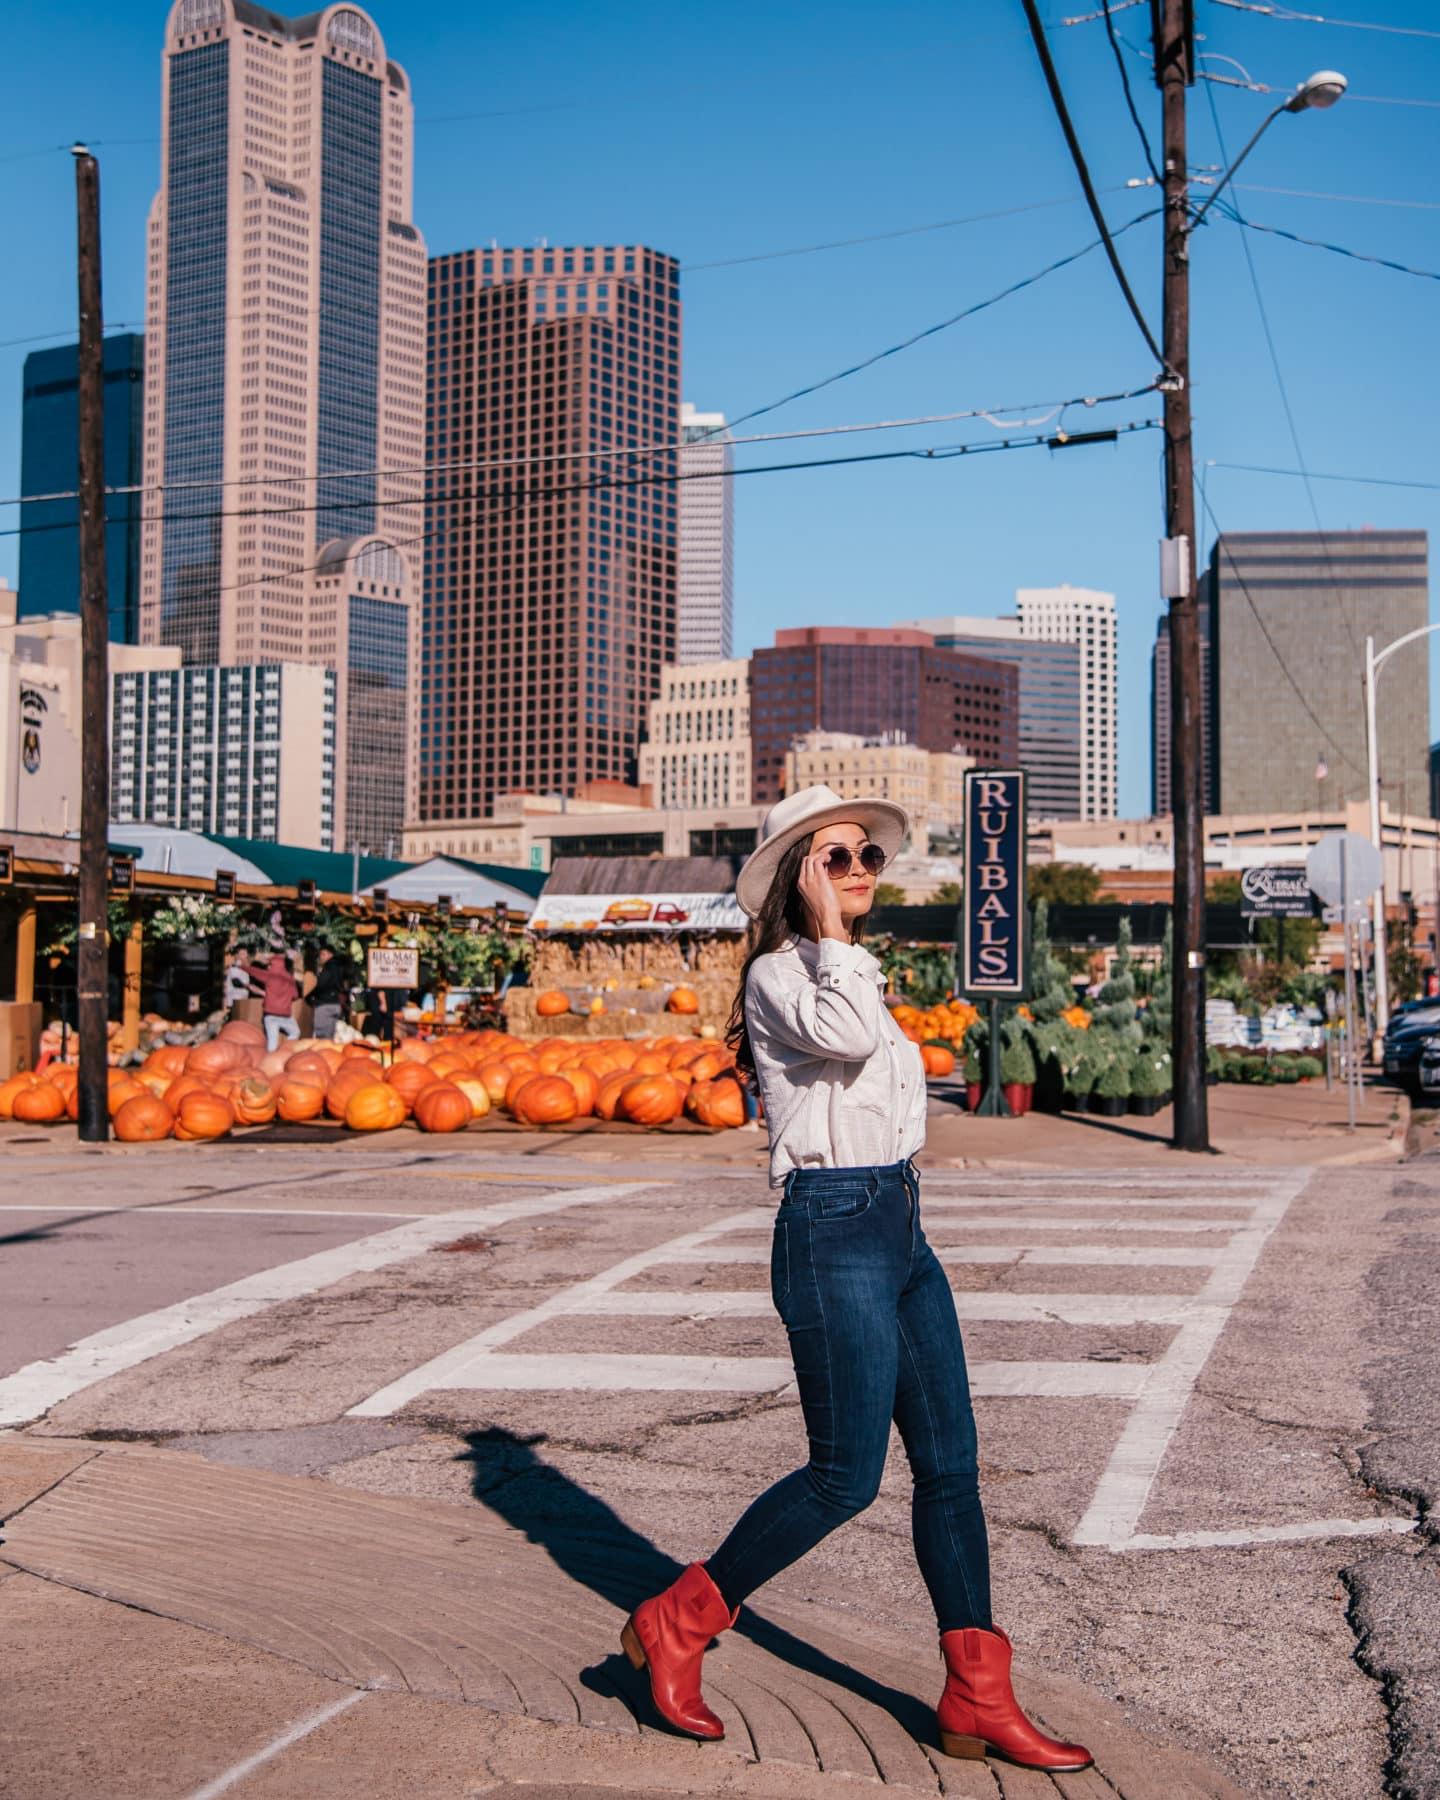 A Local's Guide to the Dallas Farmer's Market